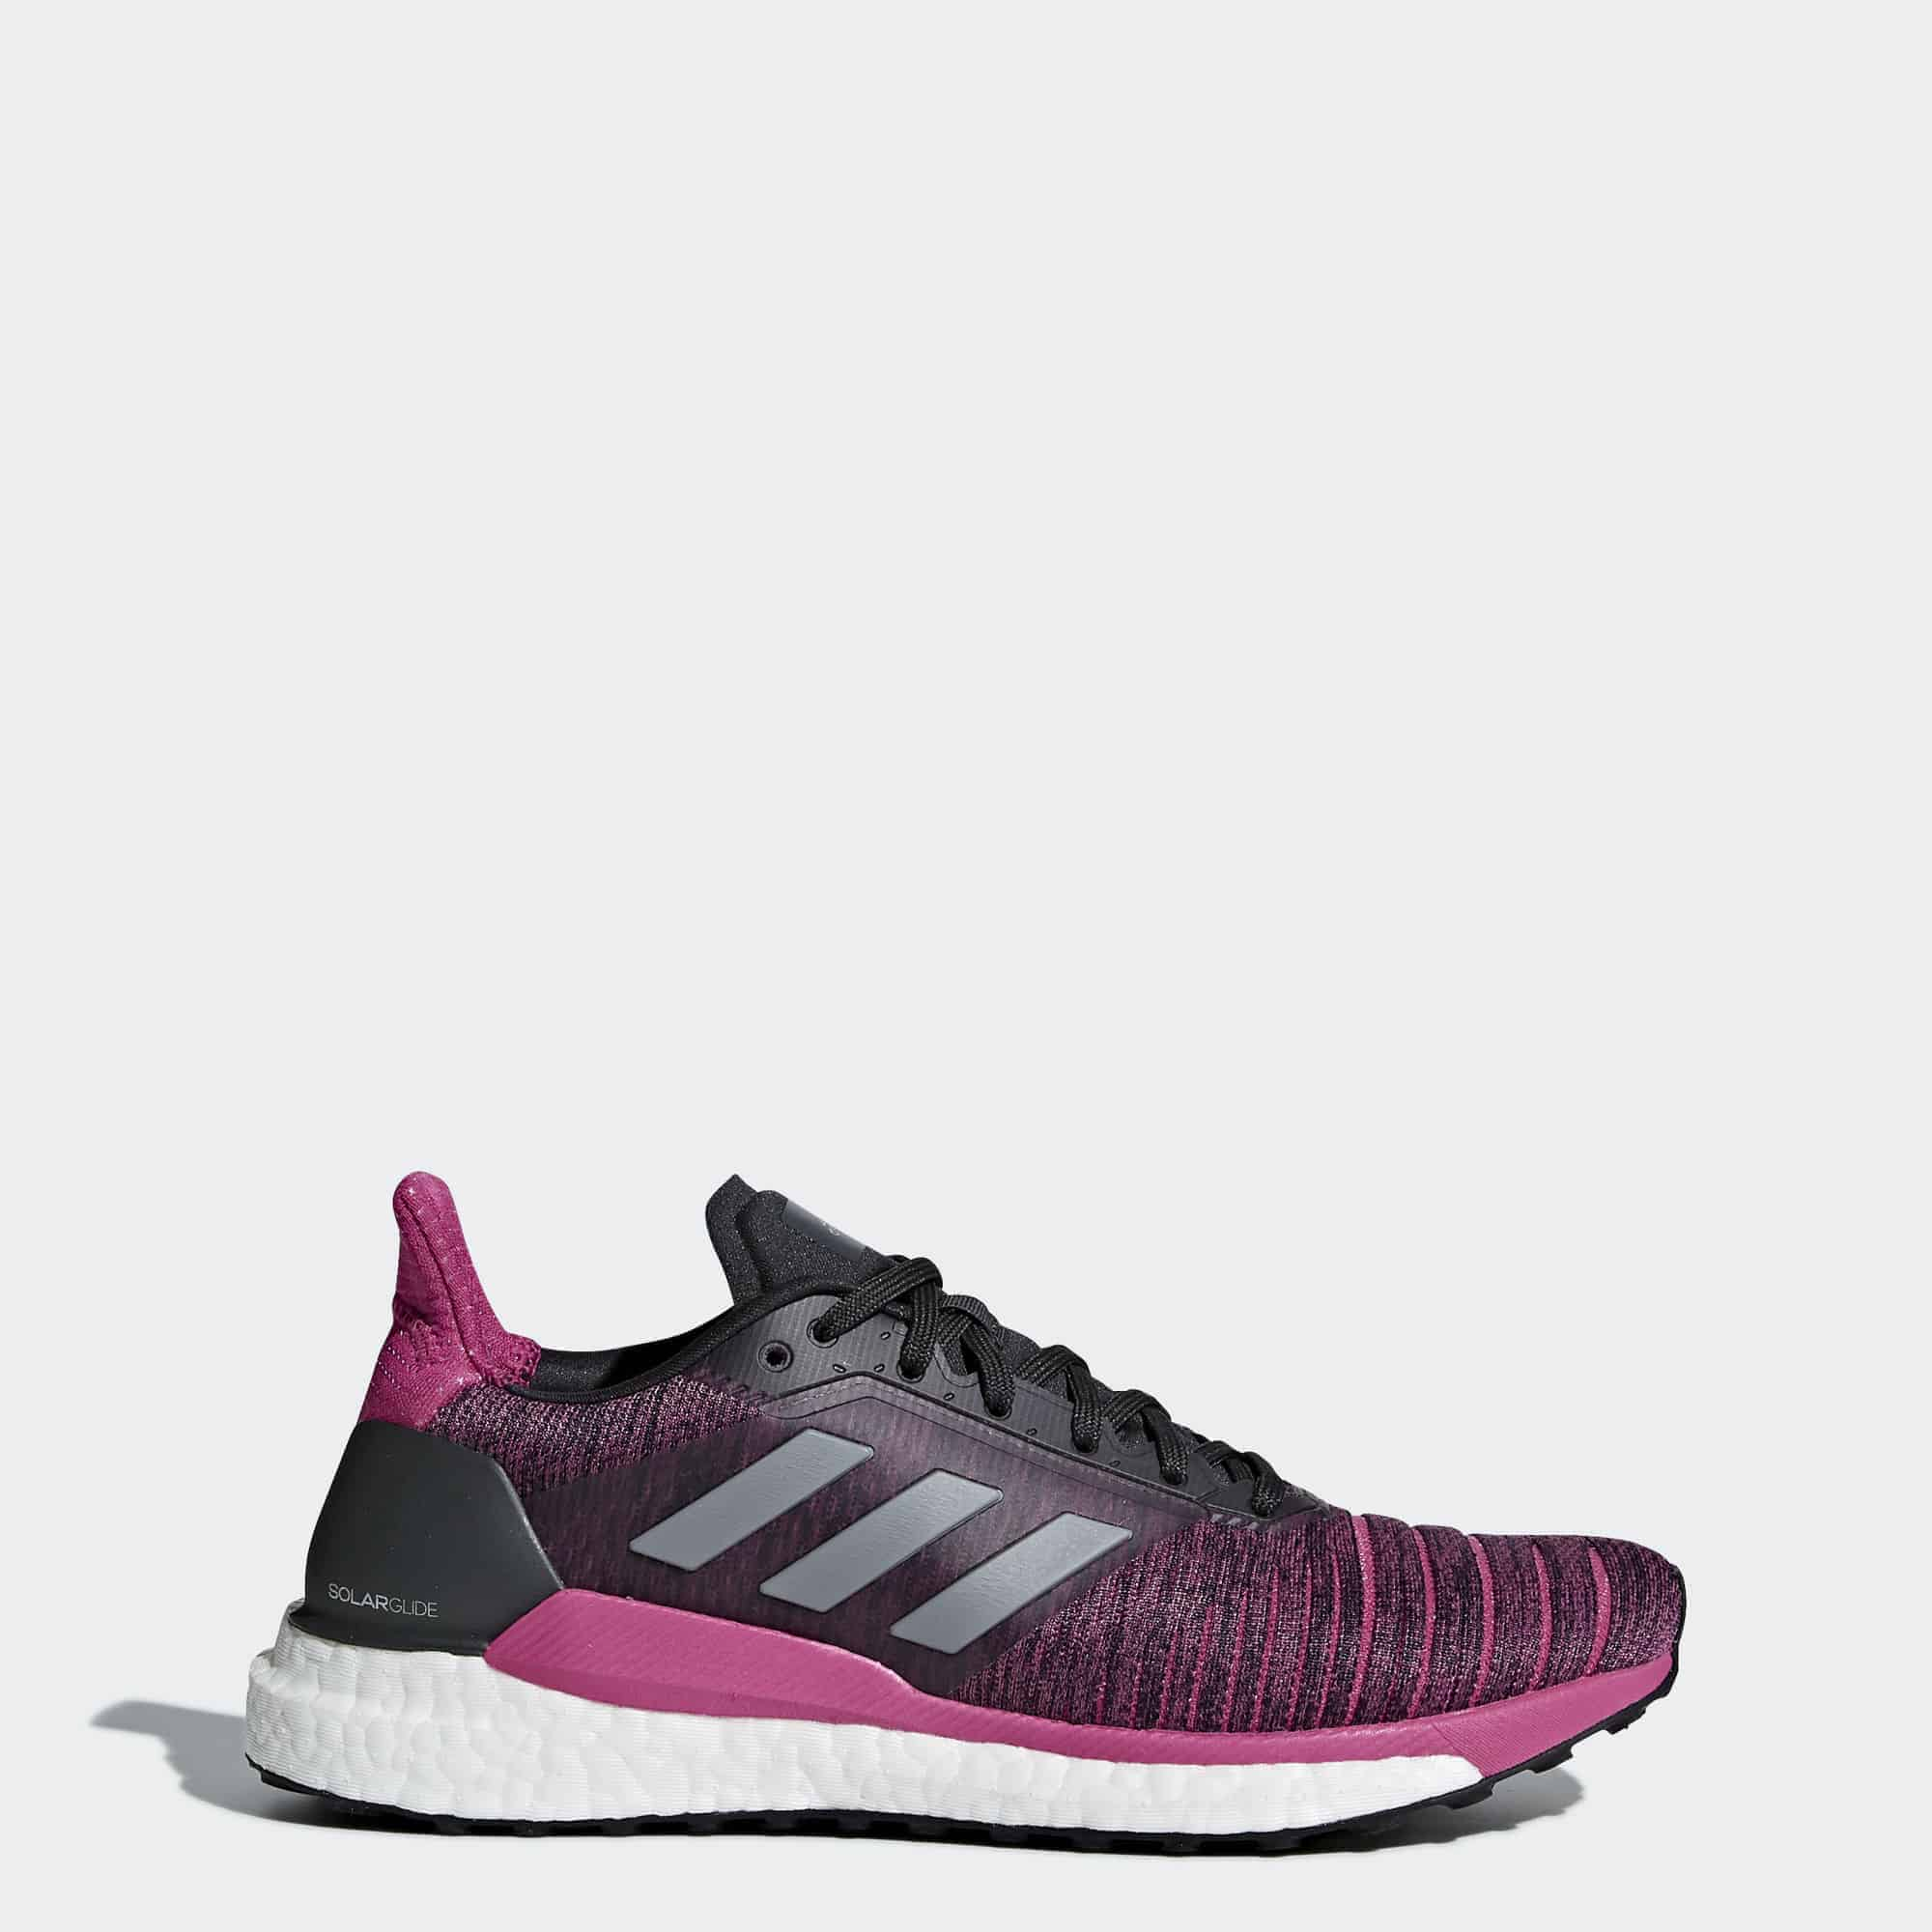 Кроссовки для бега Adidas Solar Glide женские